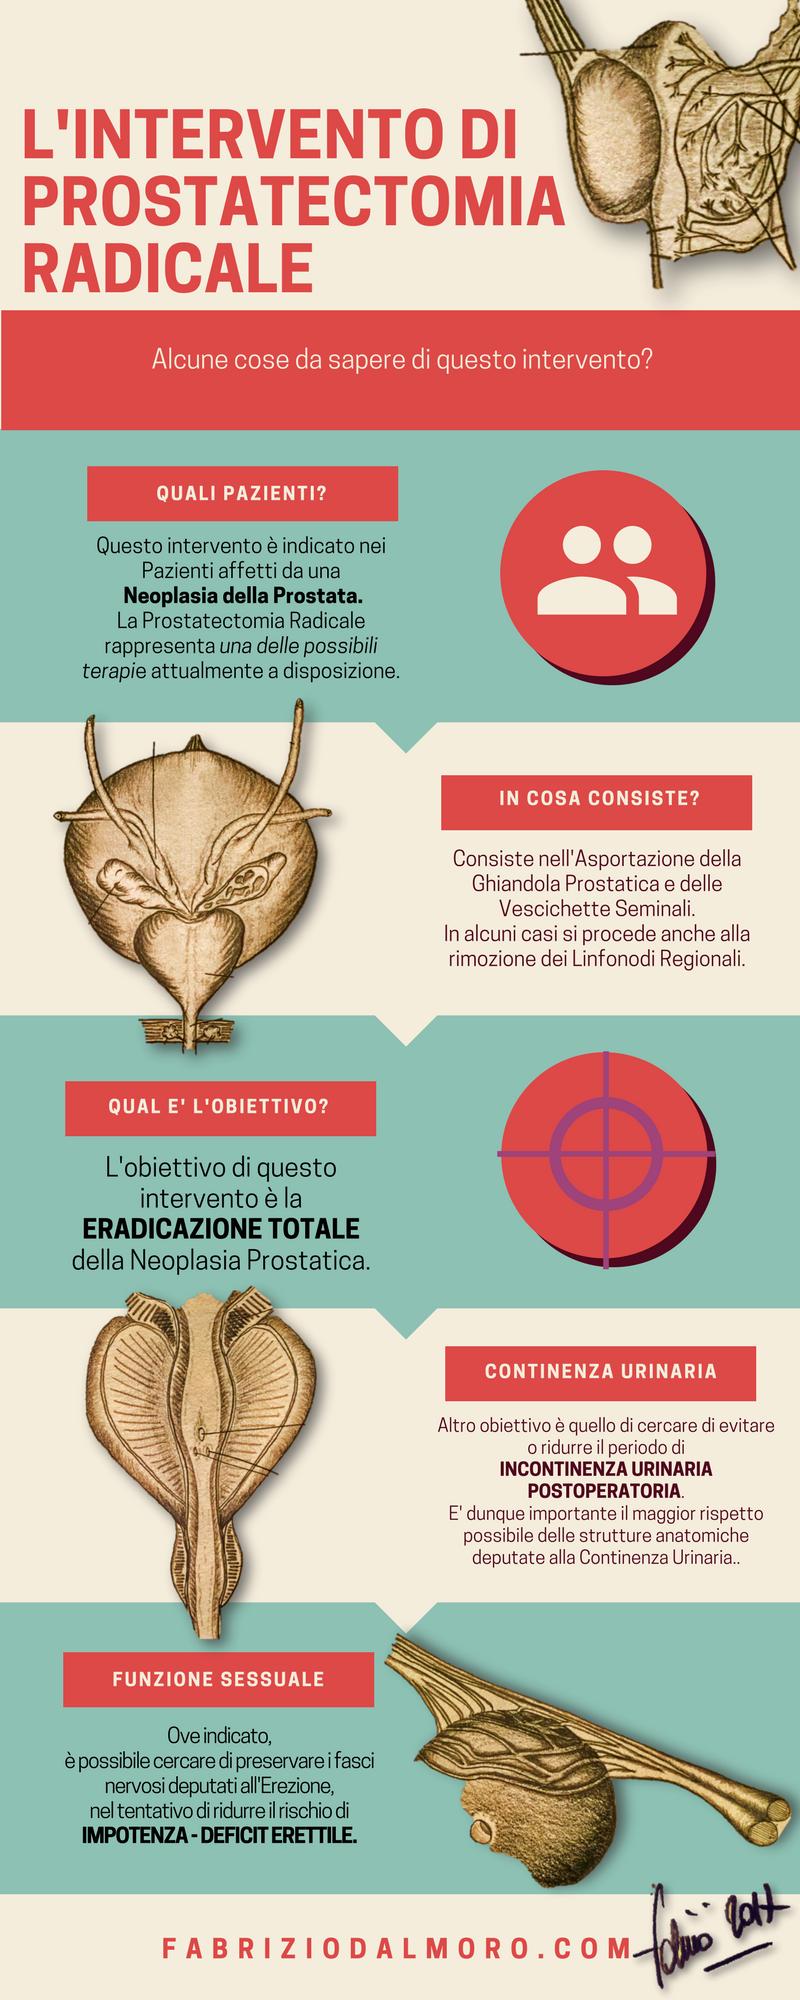 come avere una erezione dopo prostatectomia radicale no nerve sparing surgery